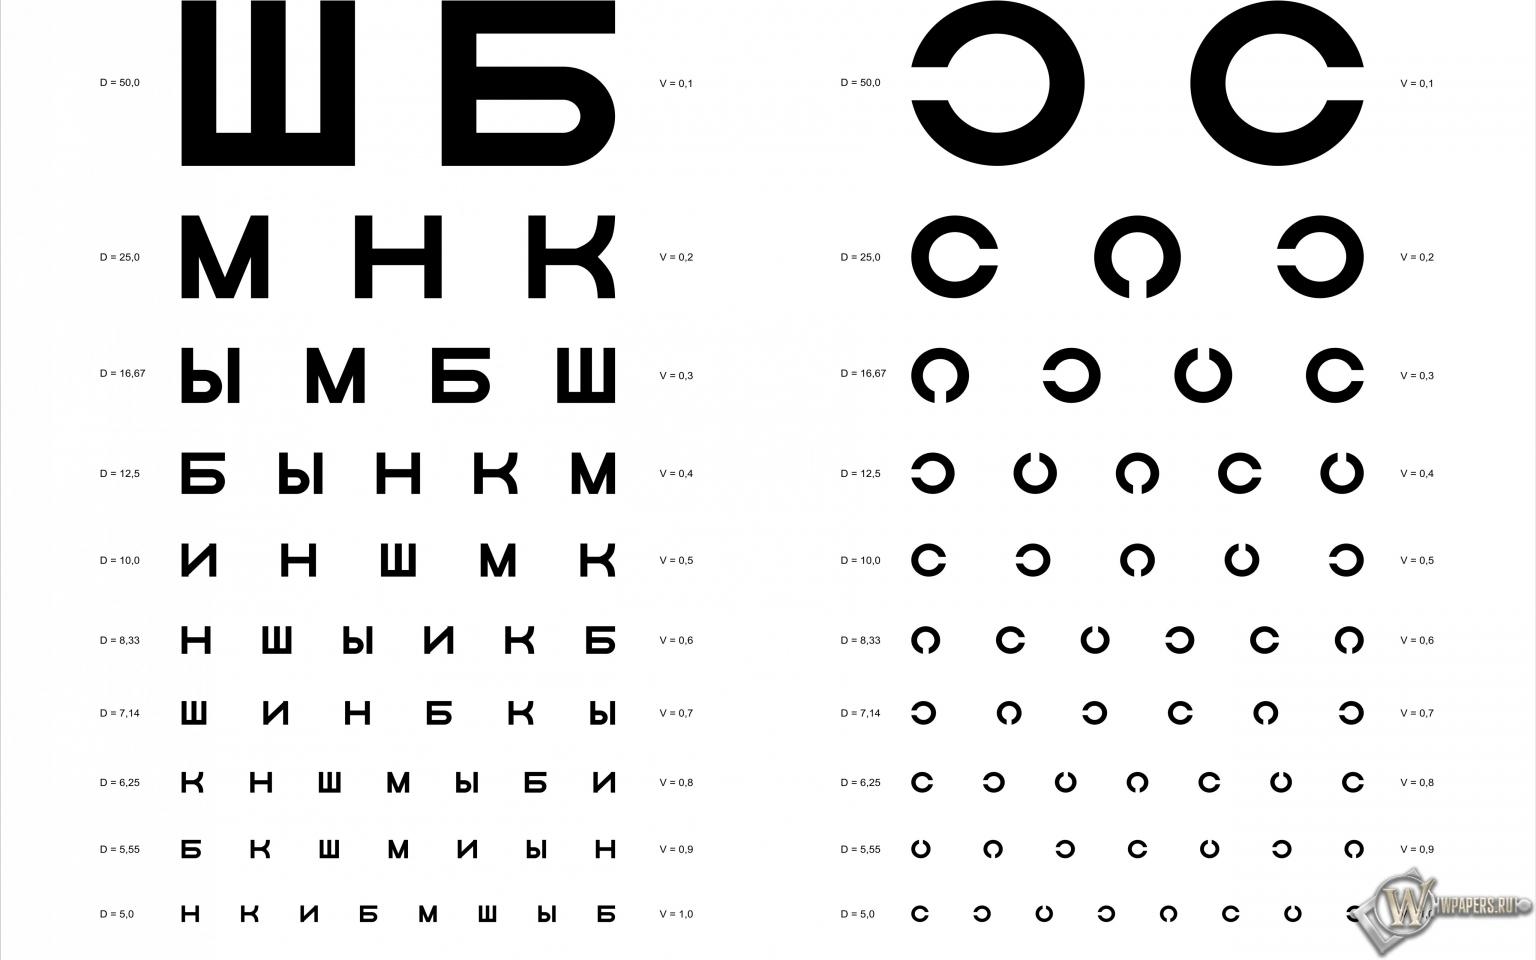 Таблица Д.А. Сивцева для проверки зрения 1536x960